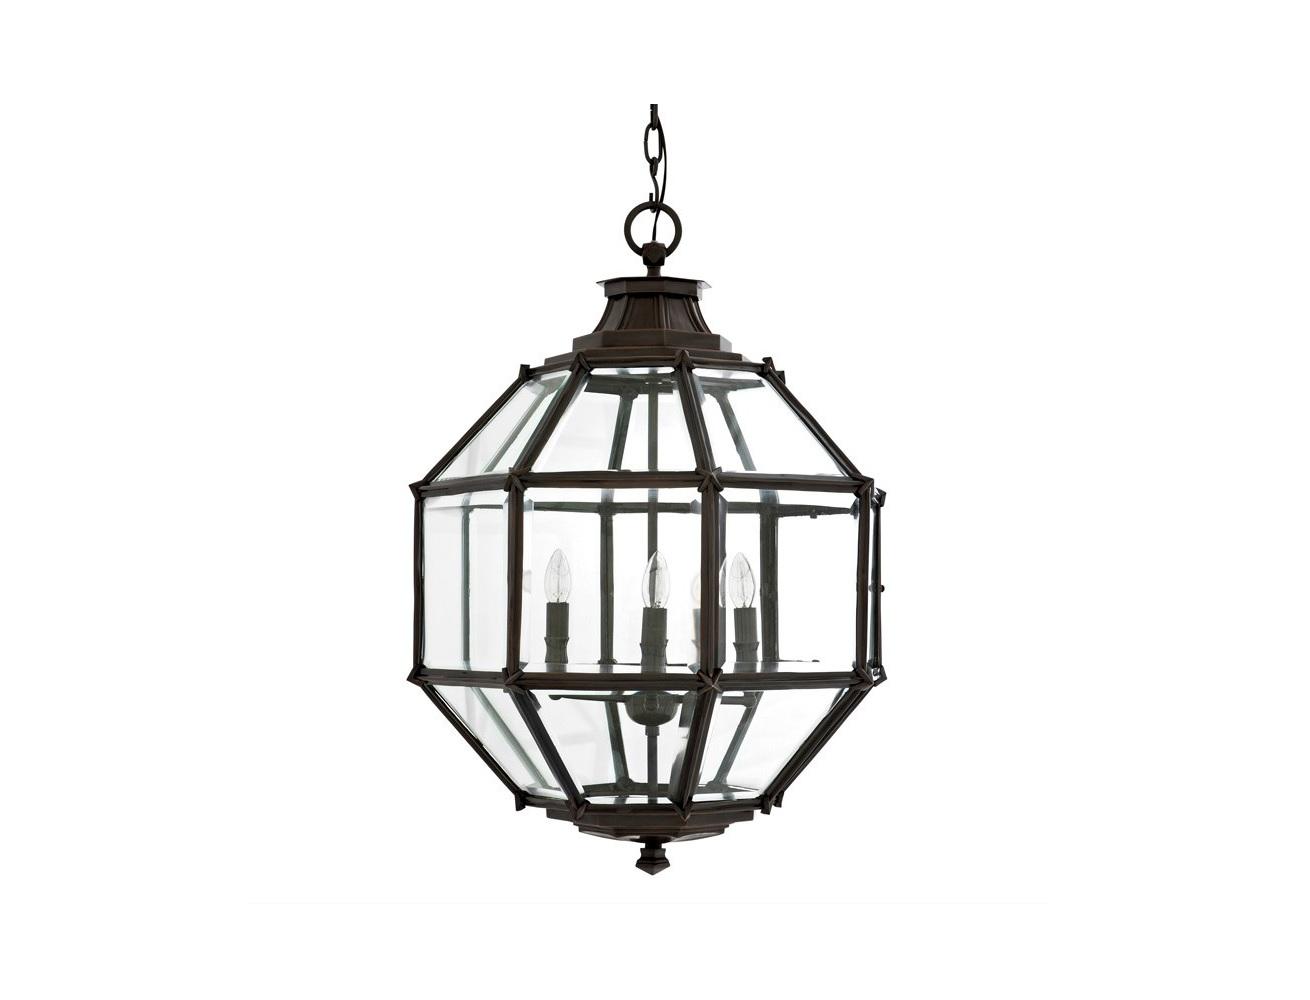 Подвесная люстра OwenЛюстры подвесные<br>Подвесной светильник-латерна из коллекции Owen на металлической арматуре коричневого цвета. Плафон выполнен из прозрачного стекла. Высота светильника регулируется за счет звеньев цепи.&amp;lt;div&amp;gt;&amp;lt;br&amp;gt;&amp;lt;/div&amp;gt;&amp;lt;div&amp;gt;&amp;lt;br&amp;gt;&amp;lt;/div&amp;gt;&amp;lt;div&amp;gt;&amp;lt;div&amp;gt;Вид цоколя: E14&amp;lt;/div&amp;gt;&amp;lt;div&amp;gt;Мощность лампы: 40W&amp;lt;/div&amp;gt;&amp;lt;div&amp;gt;Количество ламп: 4 (нет в комплекте)&amp;lt;/div&amp;gt;&amp;lt;/div&amp;gt;<br><br>Material: Металл<br>Width см: 60<br>Depth см: 60<br>Height см: 83